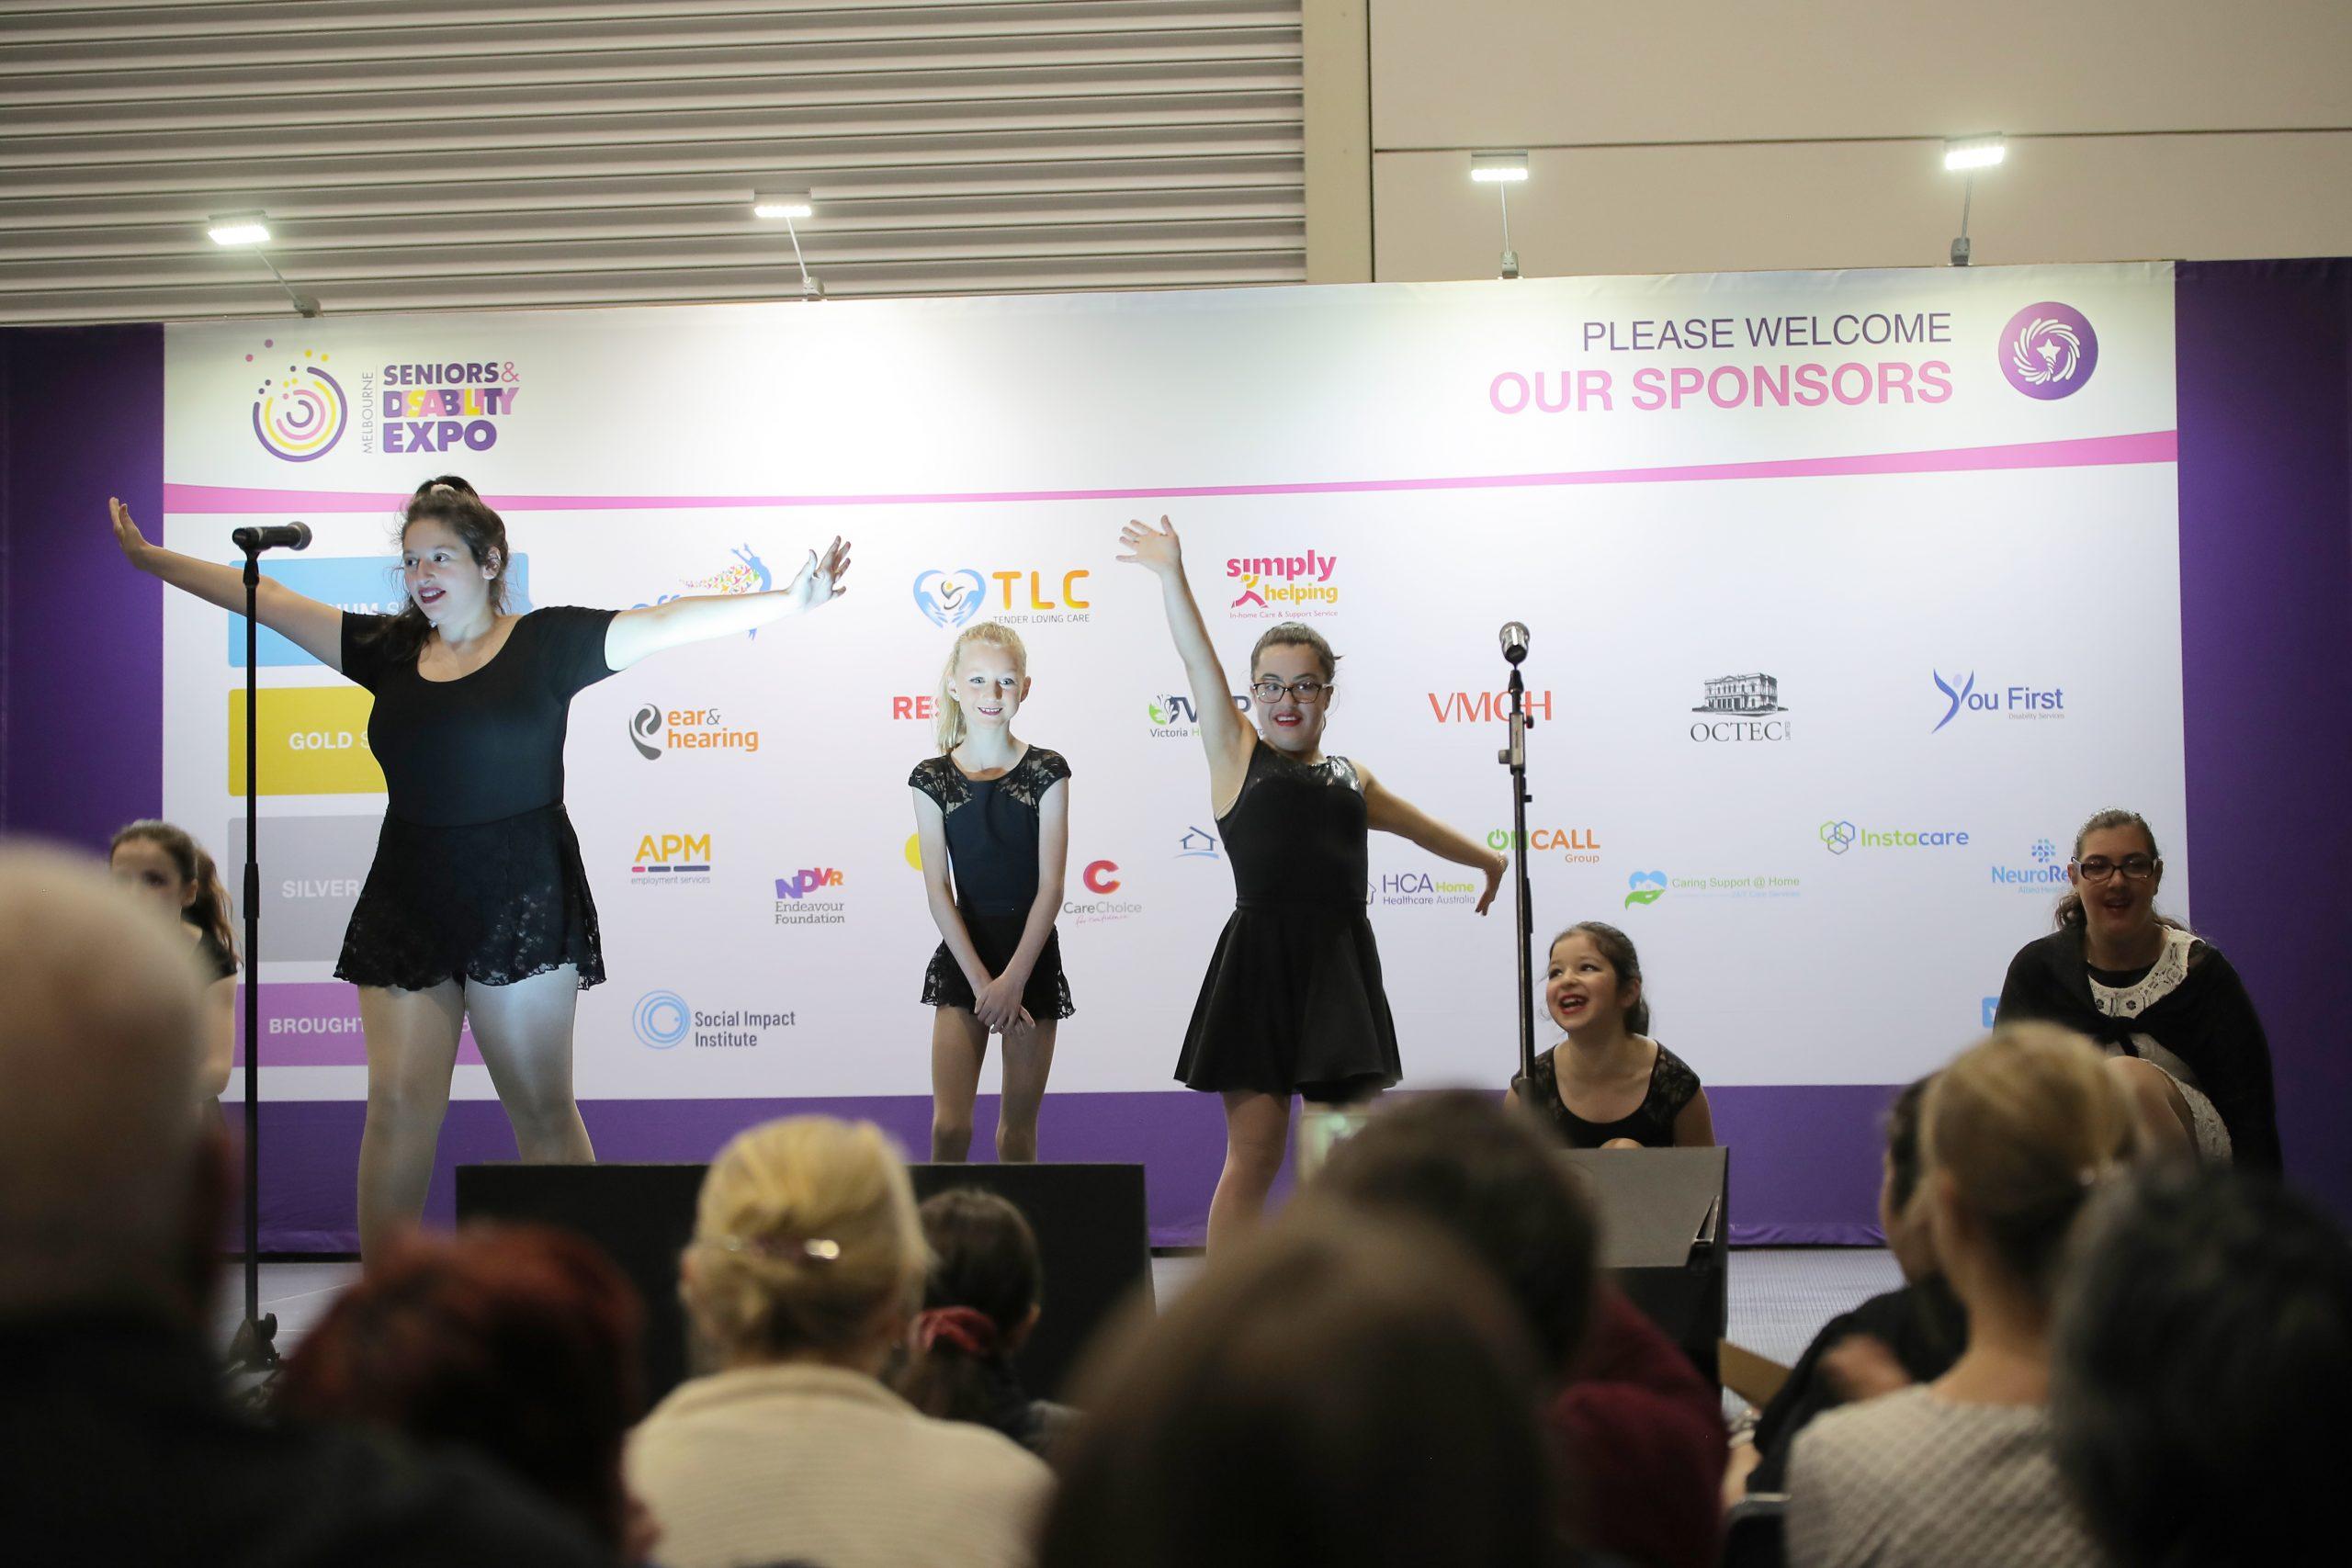 Diakosmos_Dance_Academy_2021_Melbourne_Disability_Expo